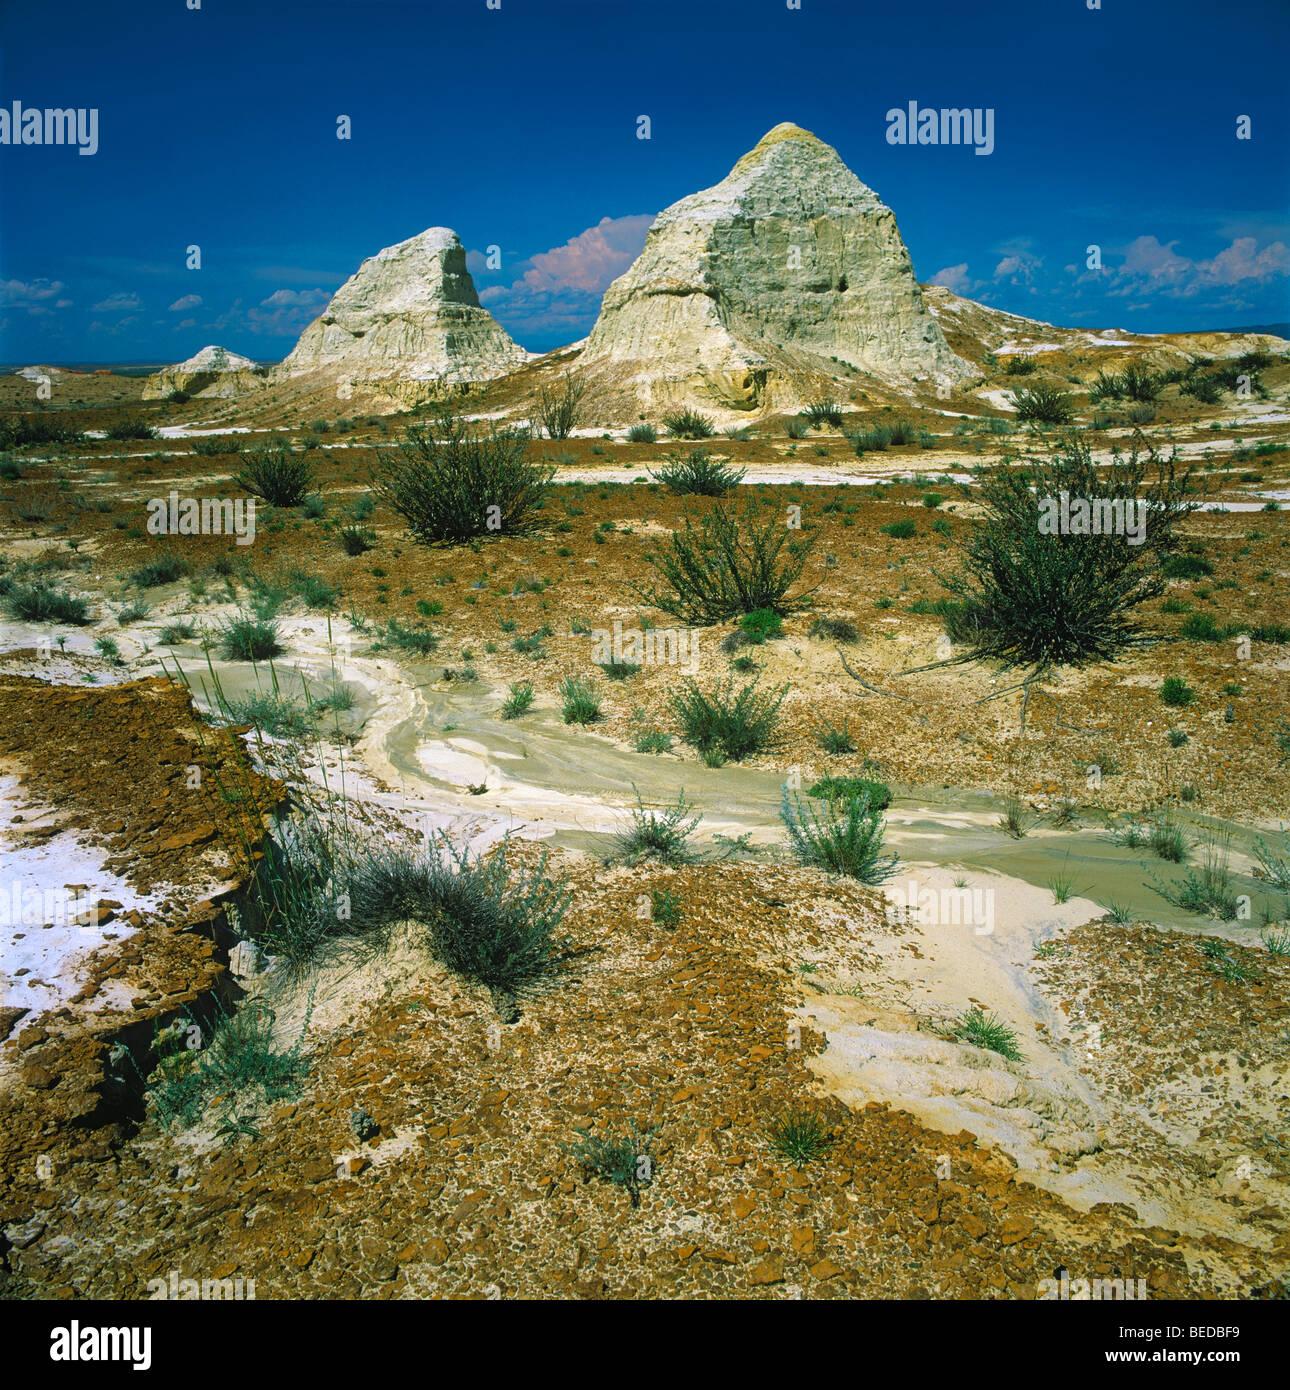 Las arcillas blancas con fósiles de montaña Kiin-Kerish paleontológica. Zaisan Depresión, Kazajstán Imagen De Stock